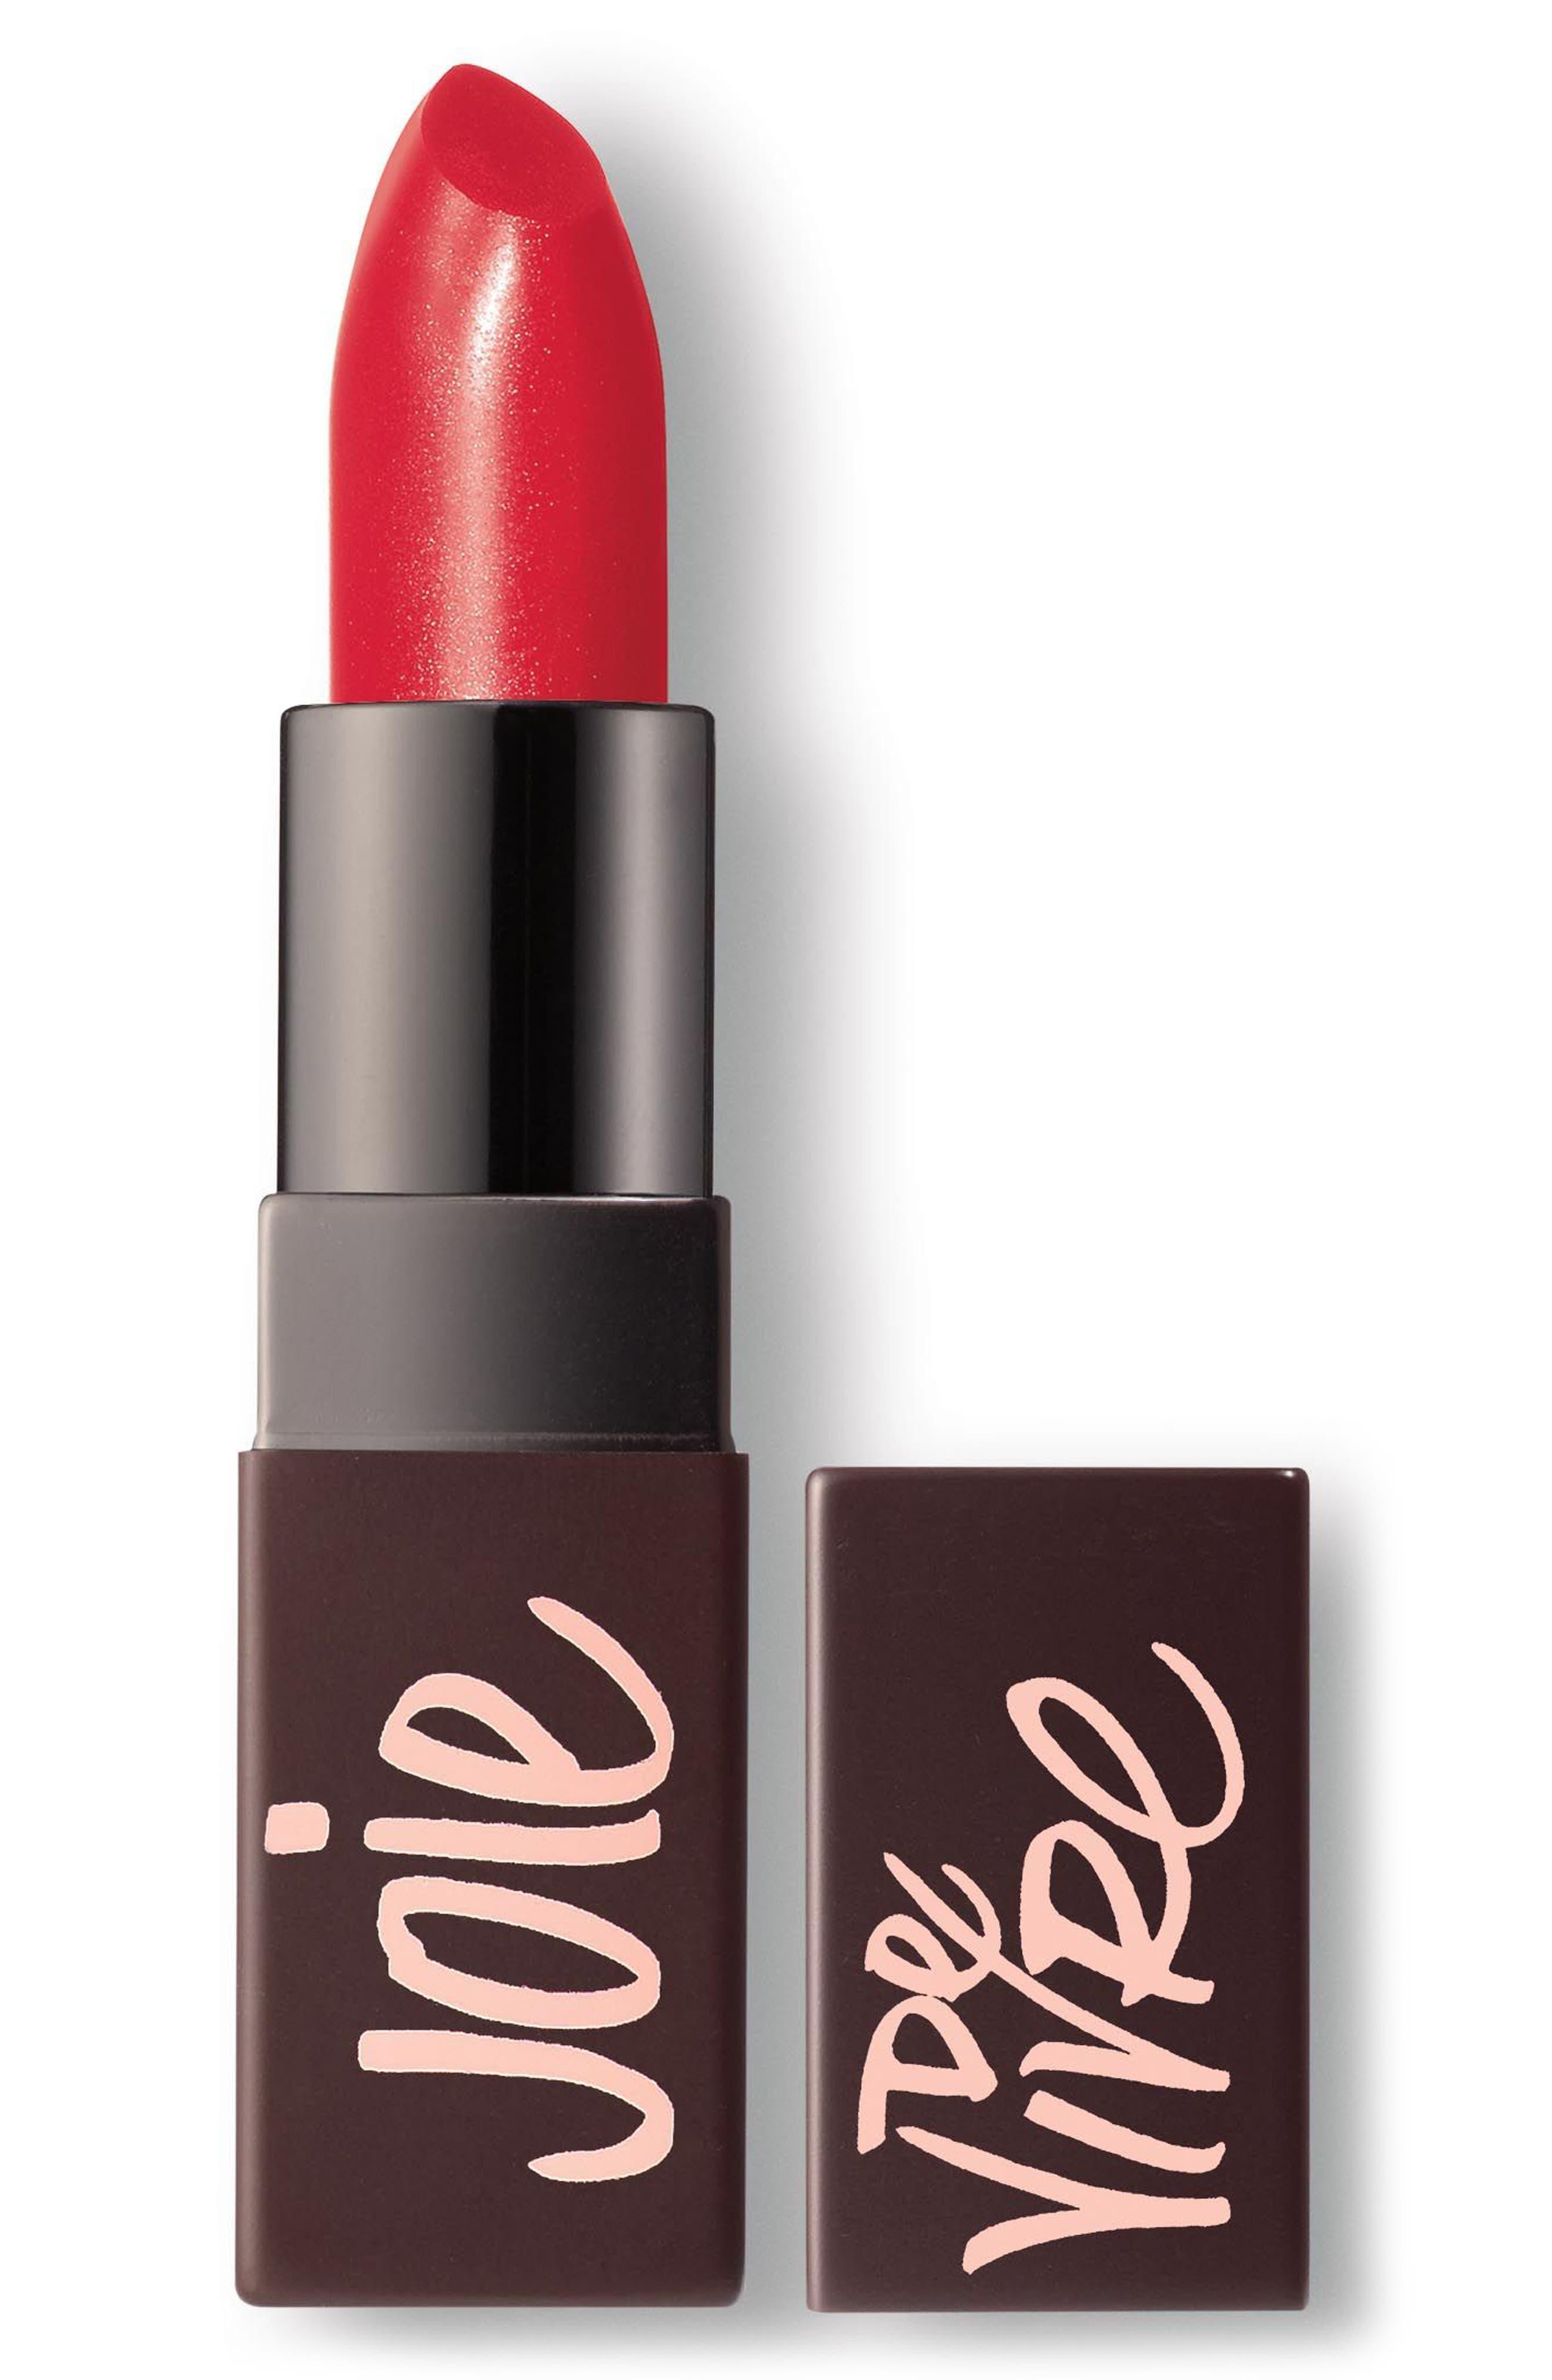 Velour Lovers Lip Color,                             Main thumbnail 1, color,                             600